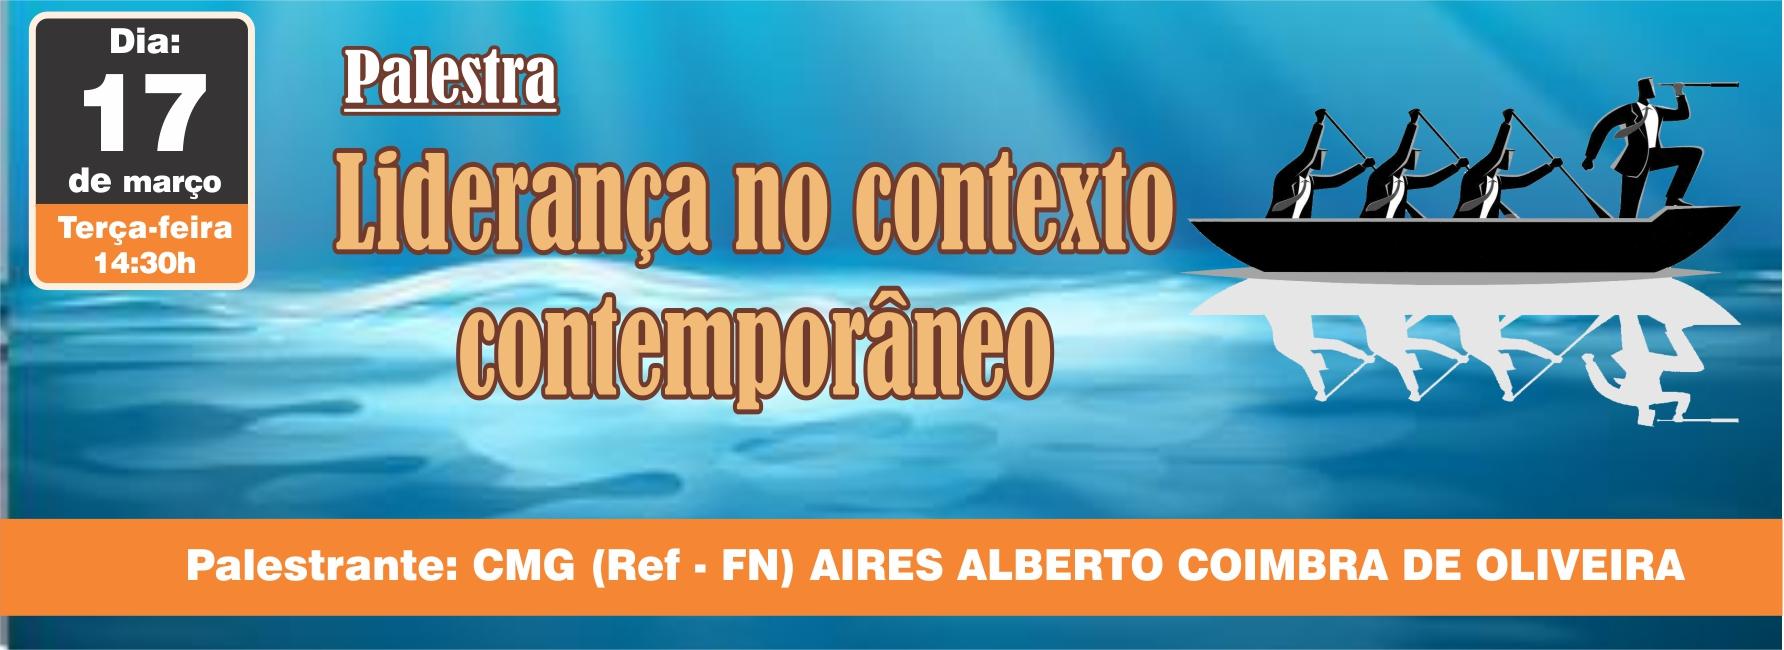 https://www.clubenaval.org.br/novo/?q=palestra-lideran%C3%A7a-no-contexto-contempor%C3%A2neo